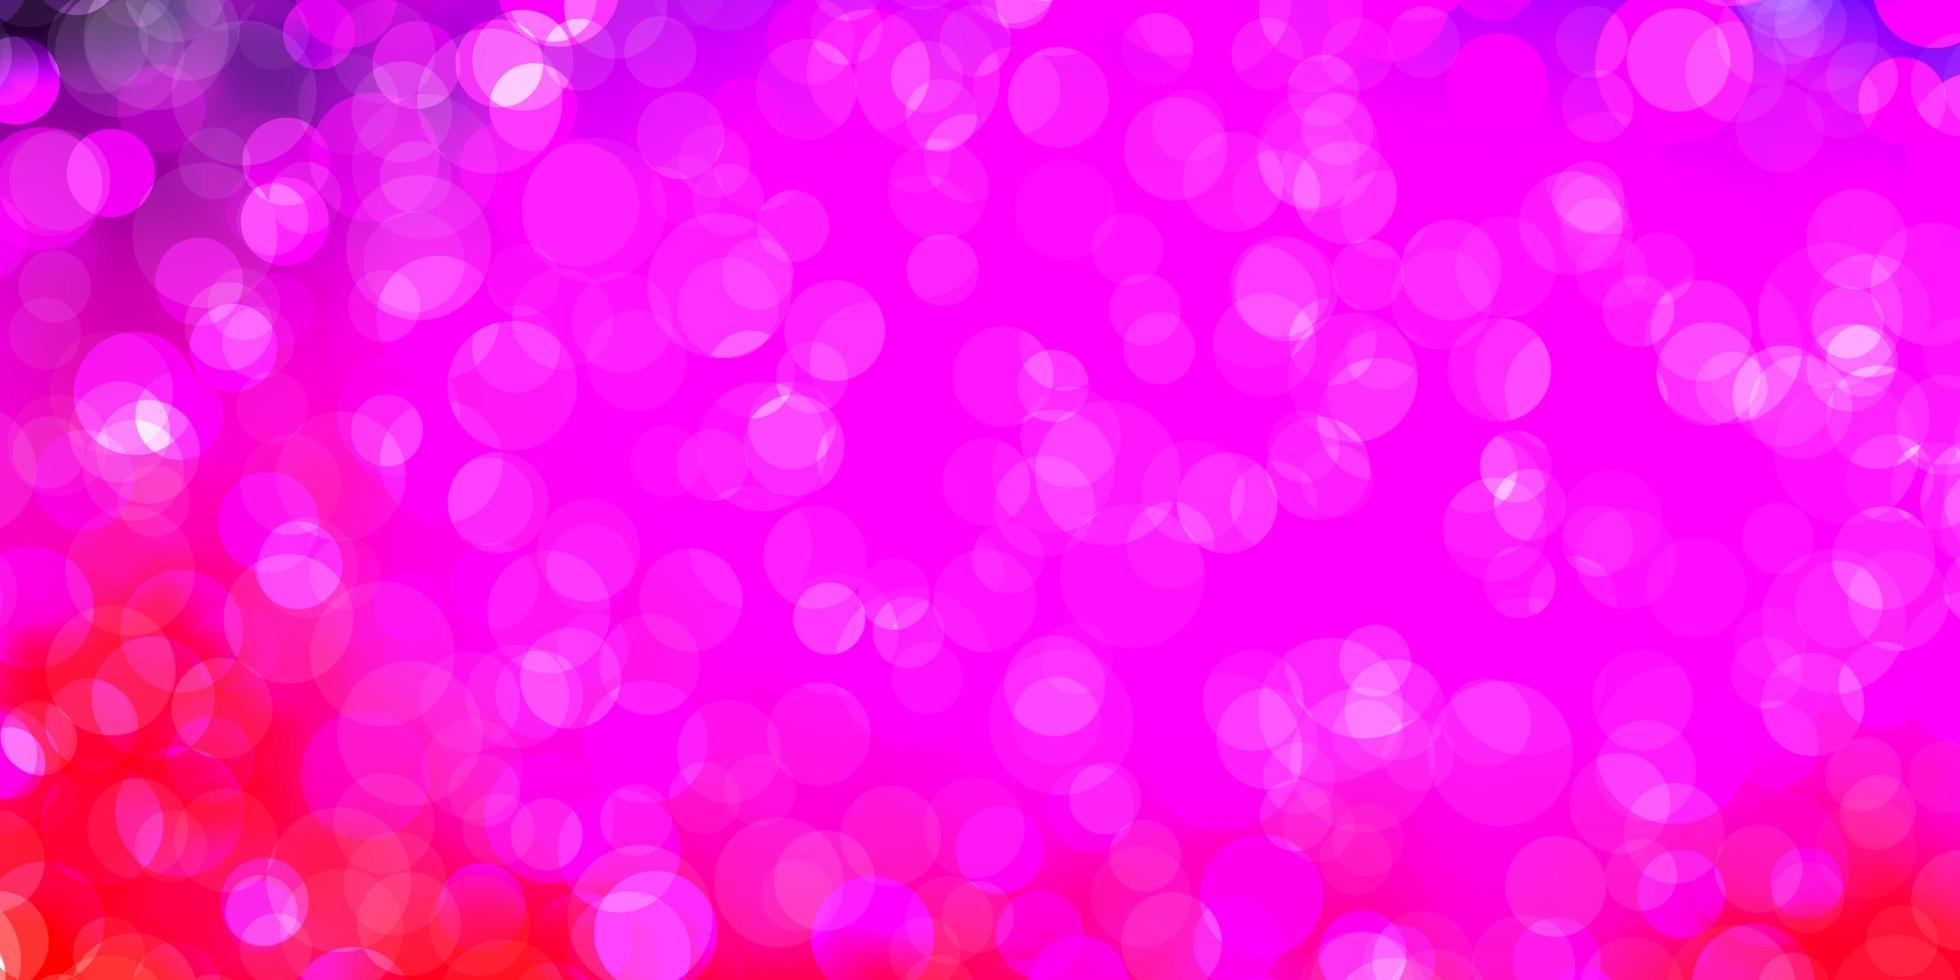 lichtpaarse, roze vector achtergrond met vlekken.